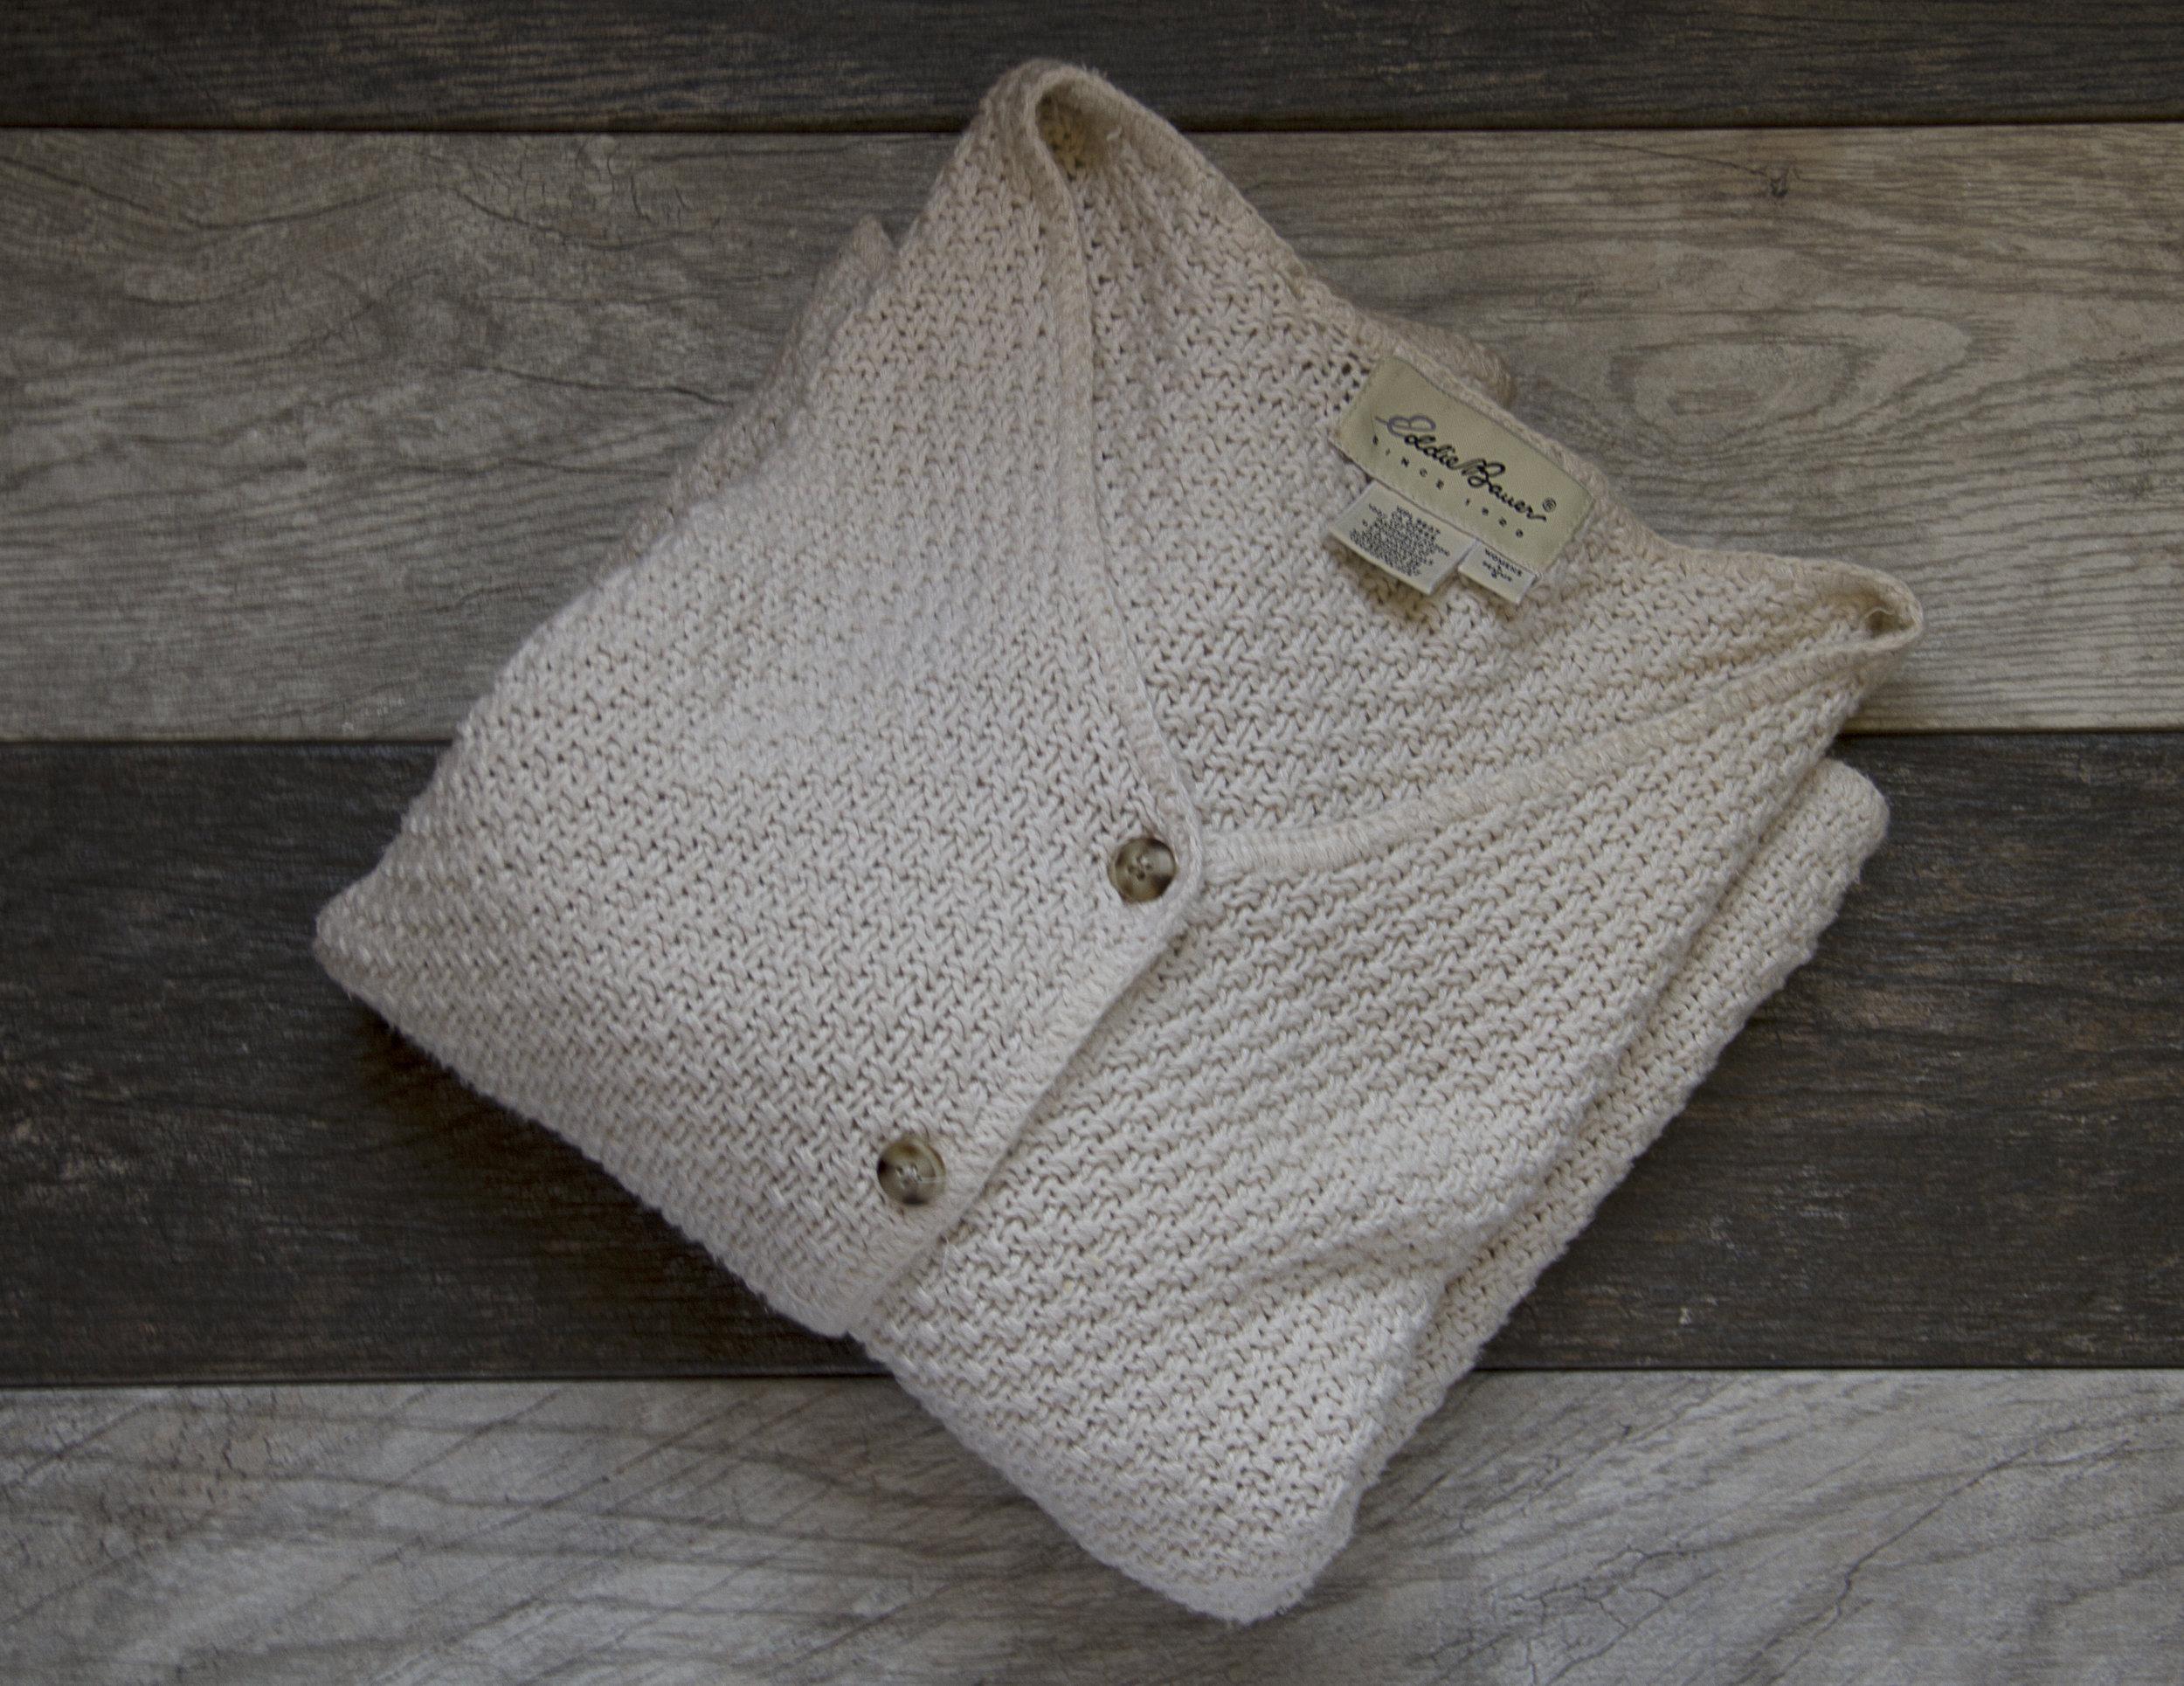 TFH Knit Eddie Bauer Sweater 3.jpg